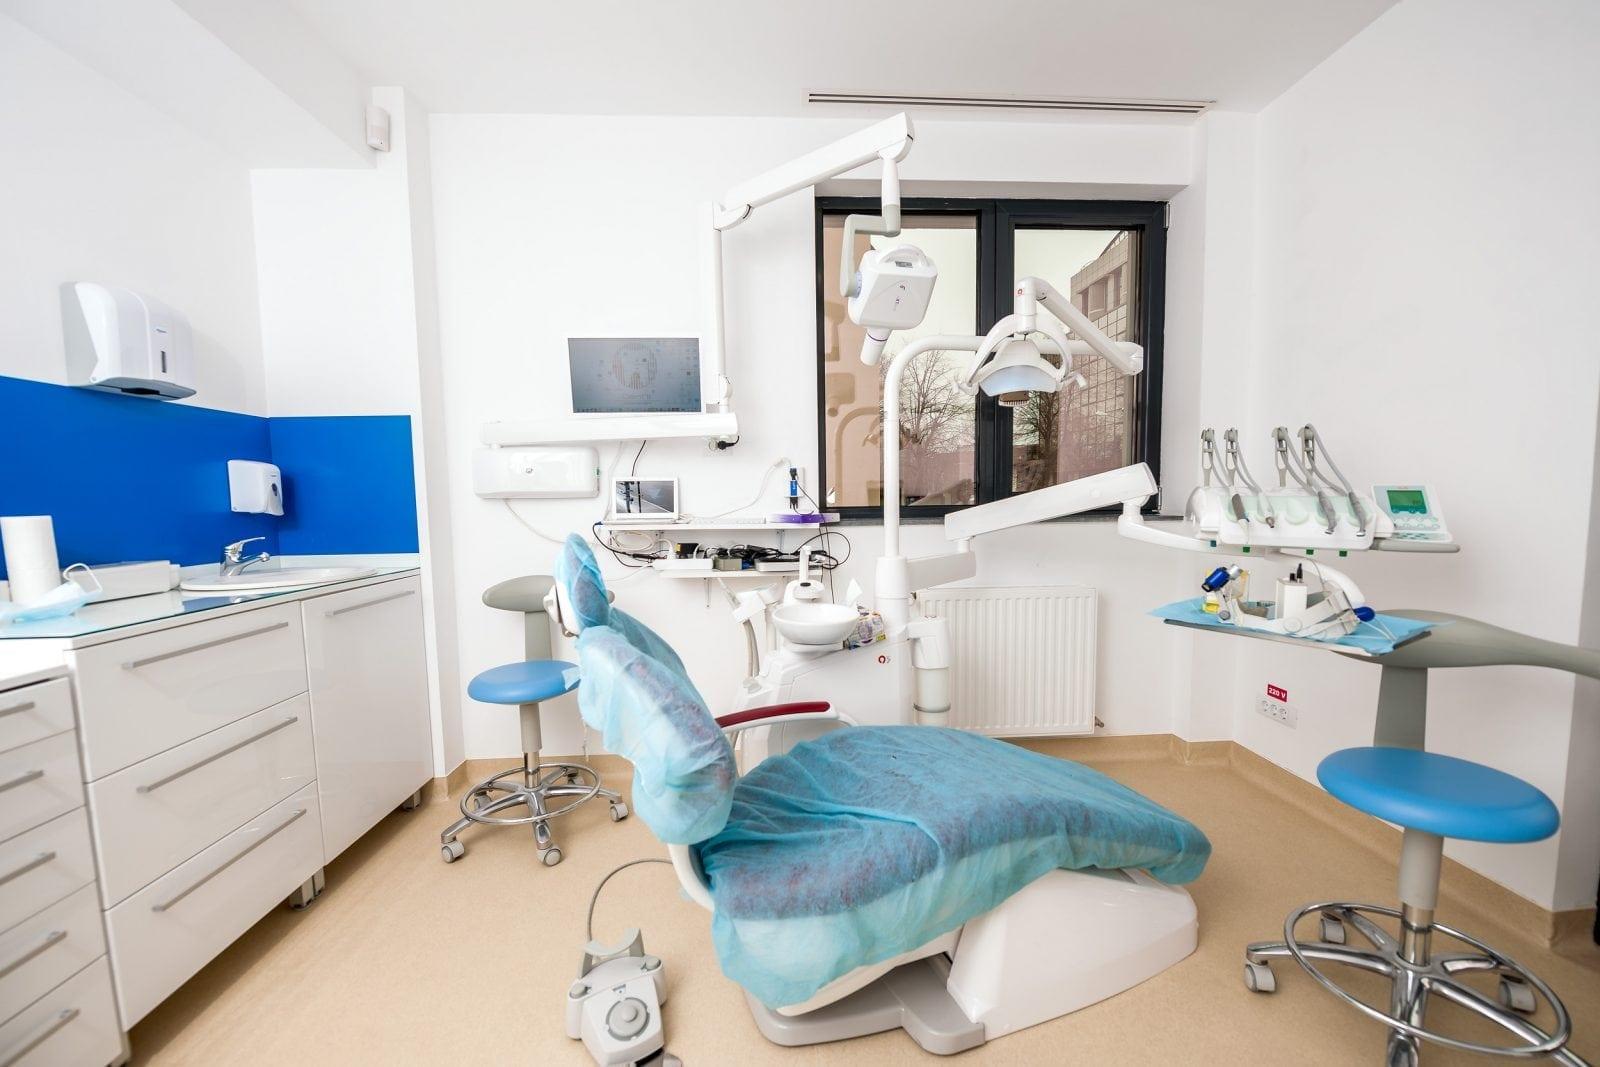 DSC 3904 - Dr. Emanuele Rosati, Dent It : Despre medicina dentară și alte pasiuni